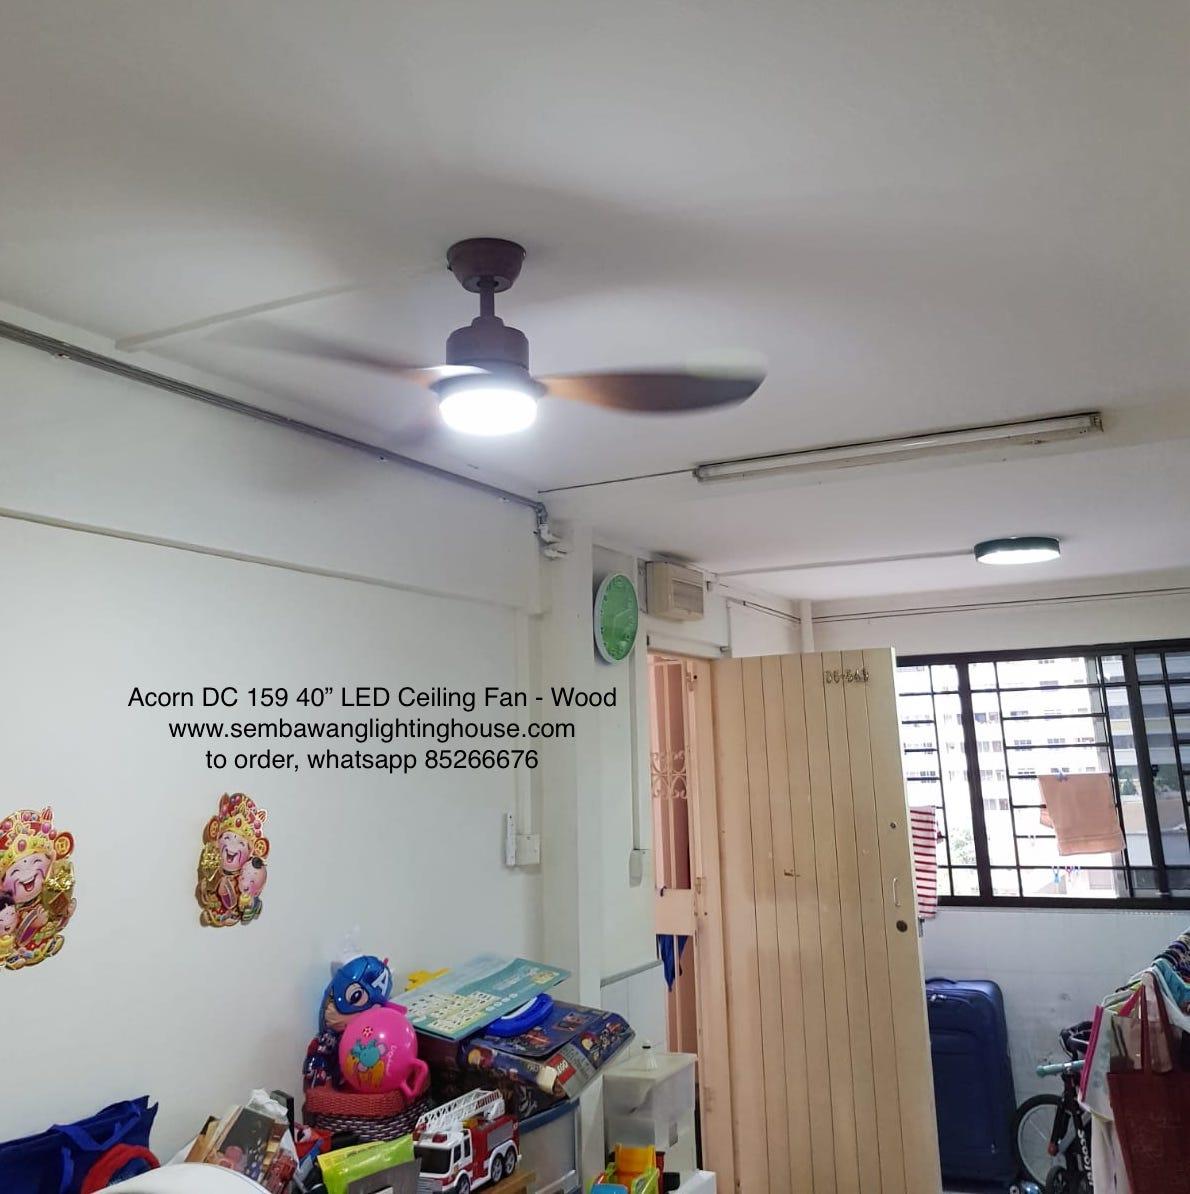 sample01-acorn-dc159-40-22-ceiling-fan-sembawang-lighting-house.jpg